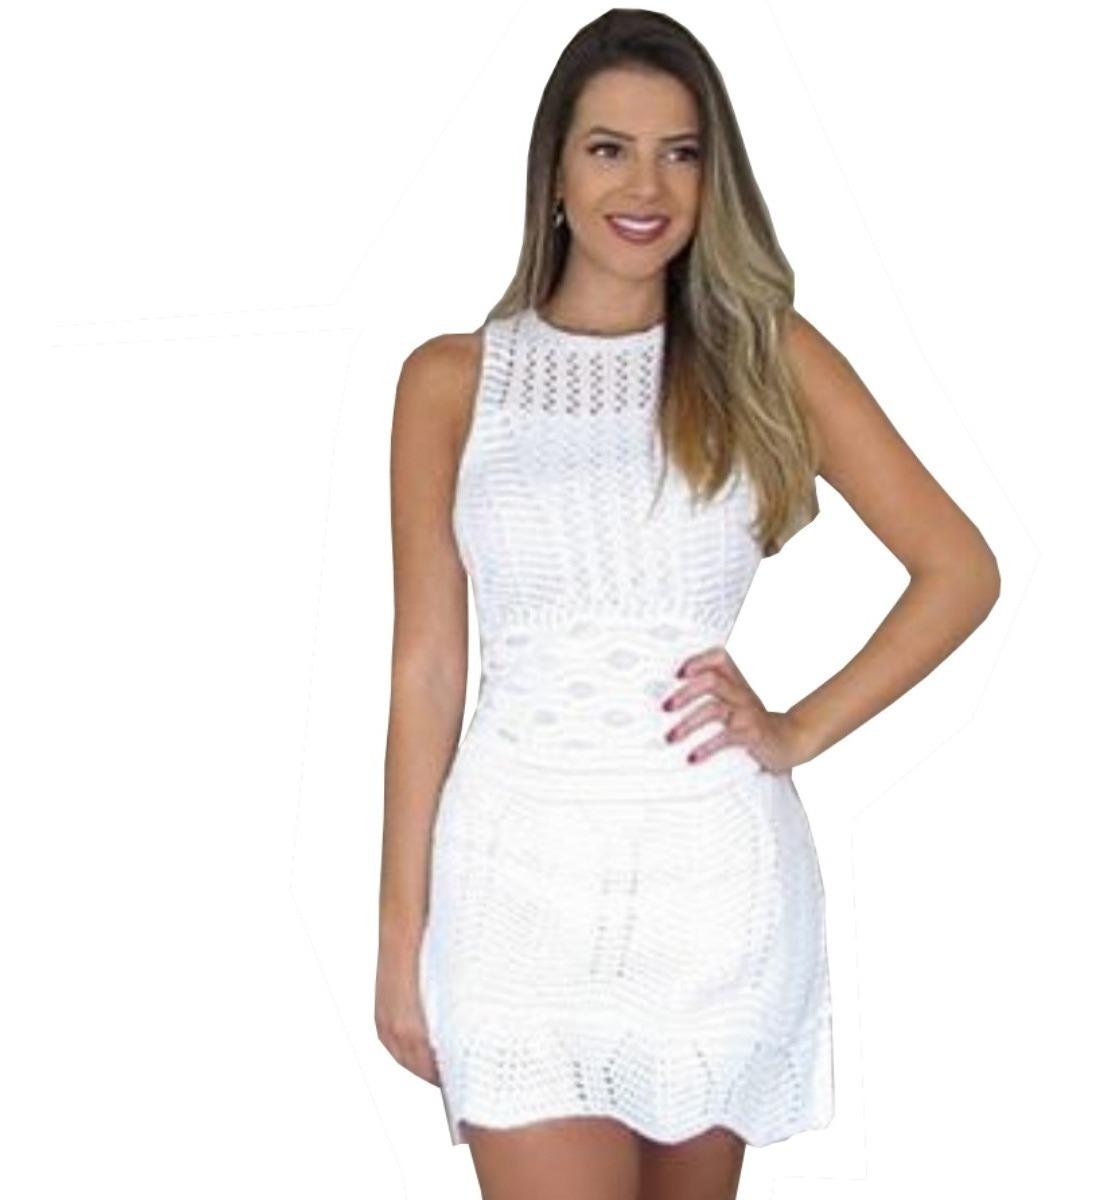 bde78ce494cf Vestido Chique Curto Oferta Da Moda Tricot Trico Rendado - R$ 49,90 ...